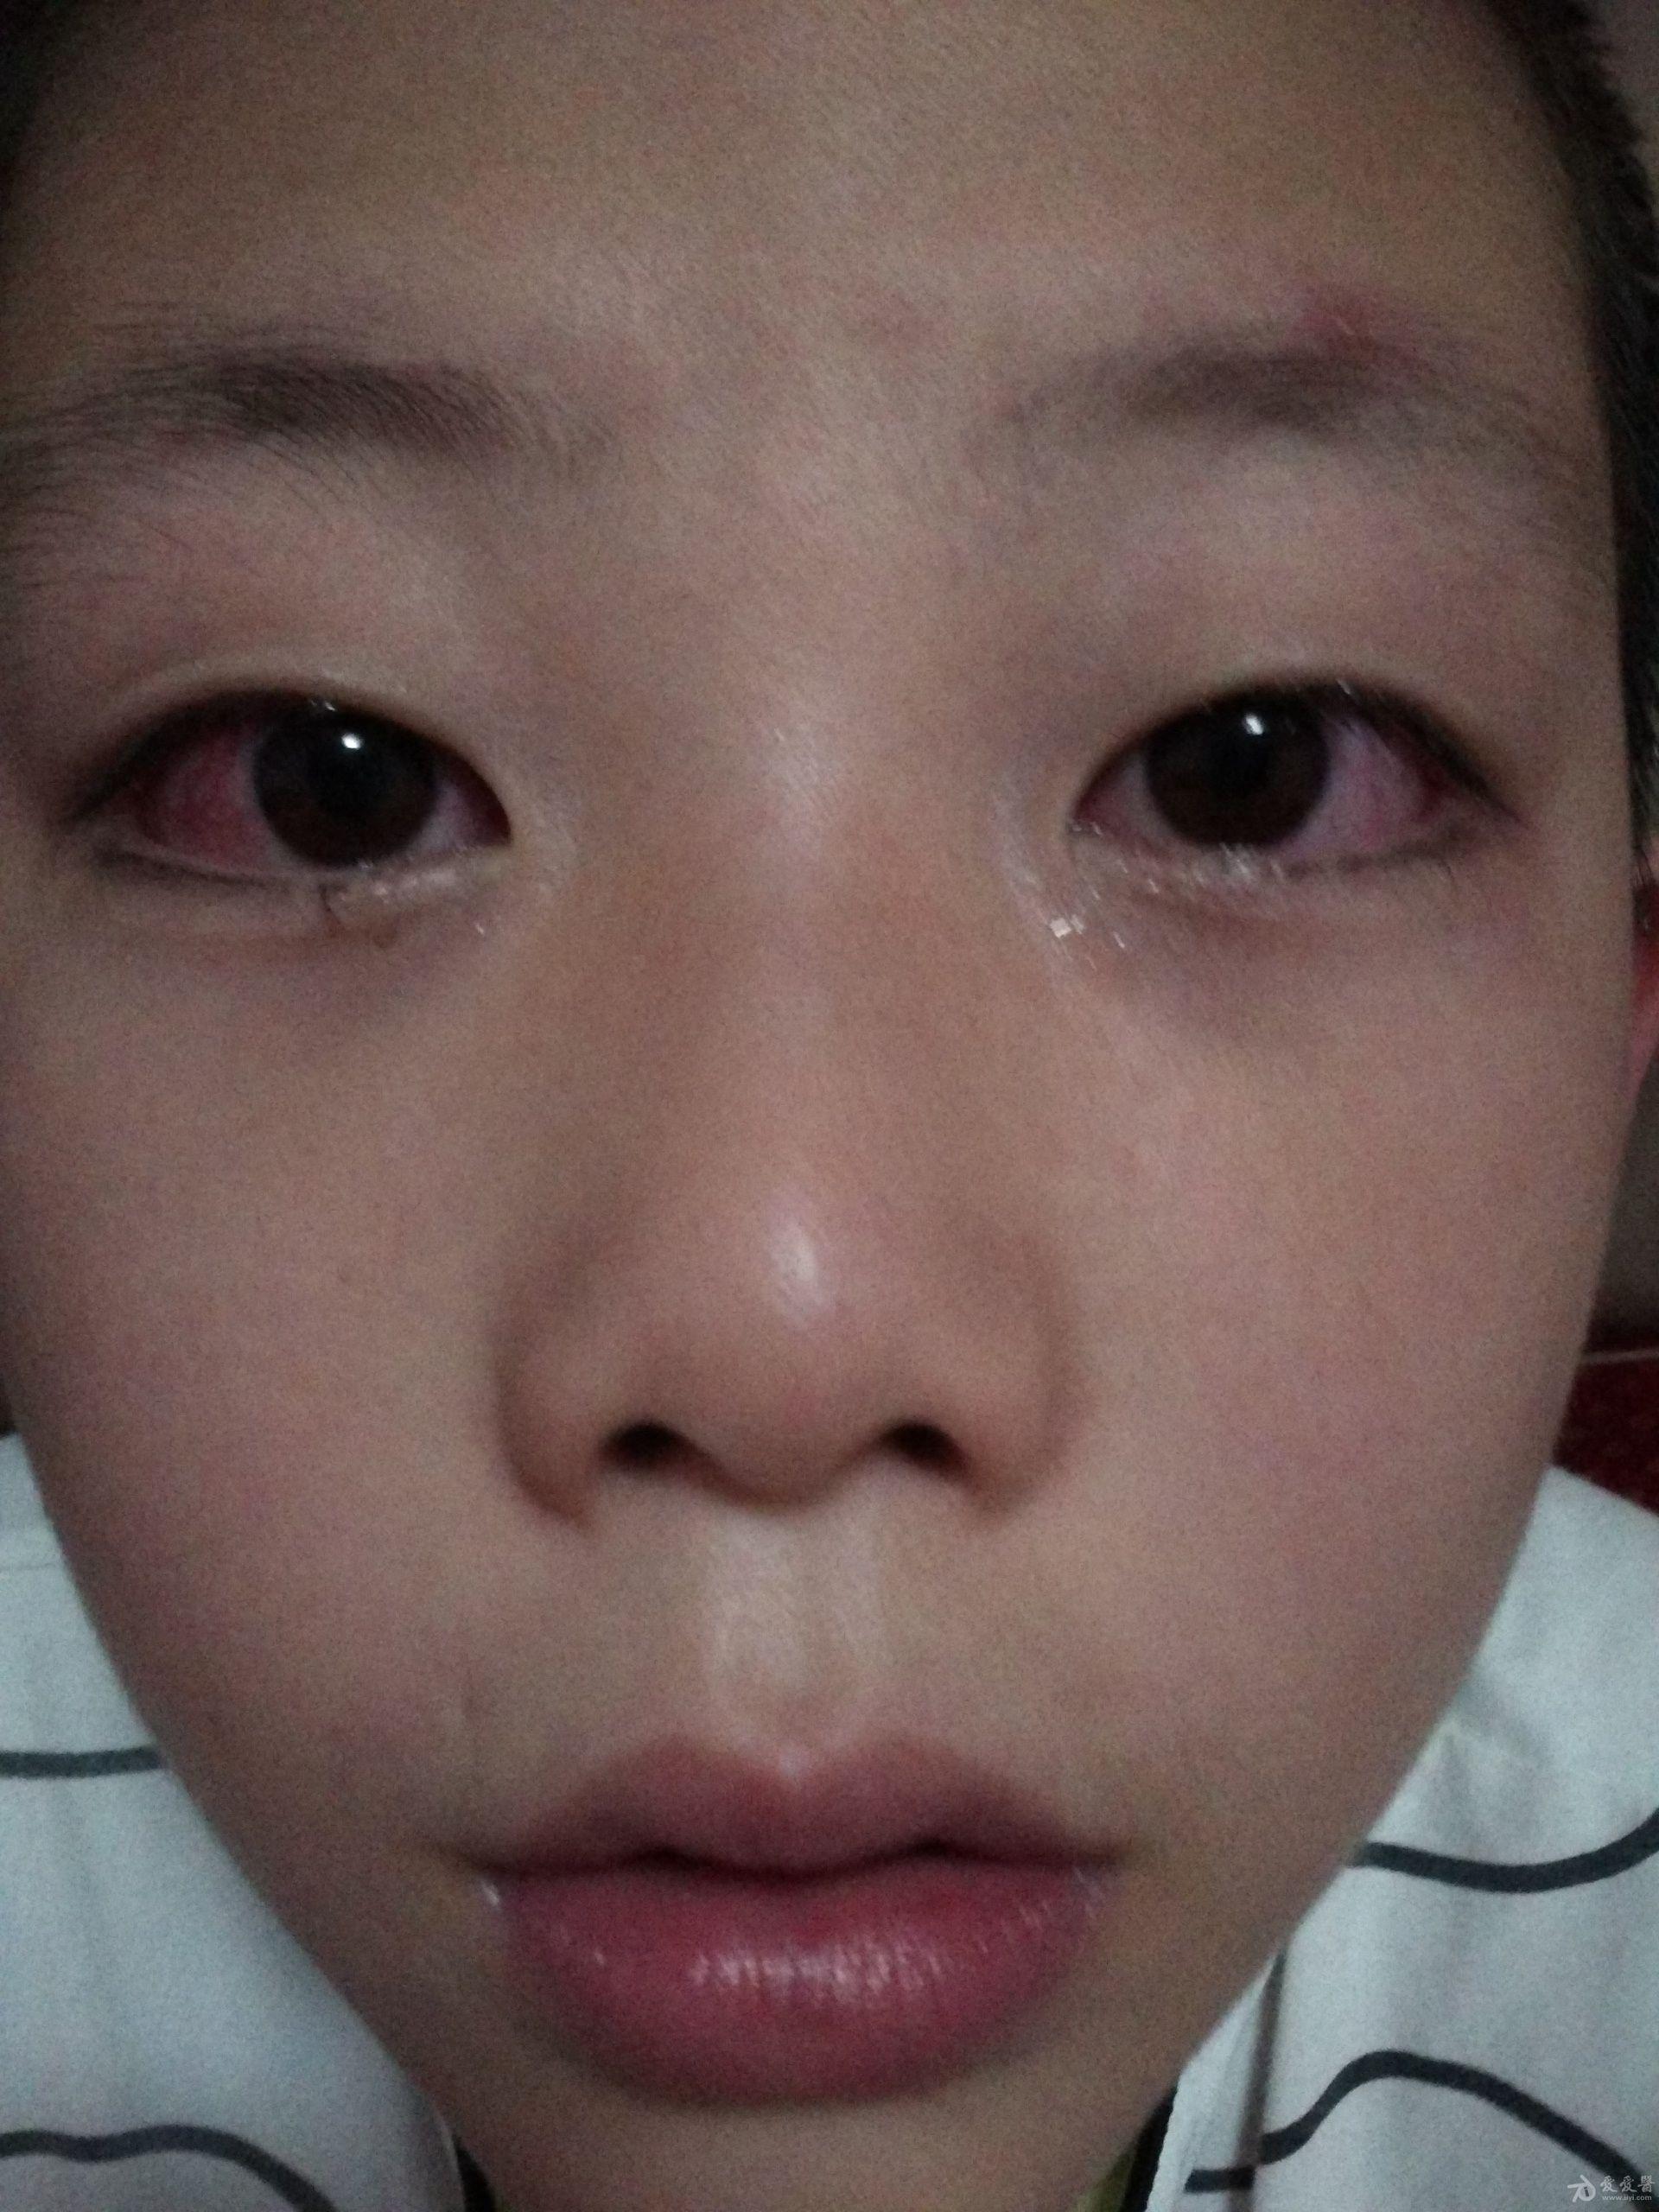 8月双眼充血